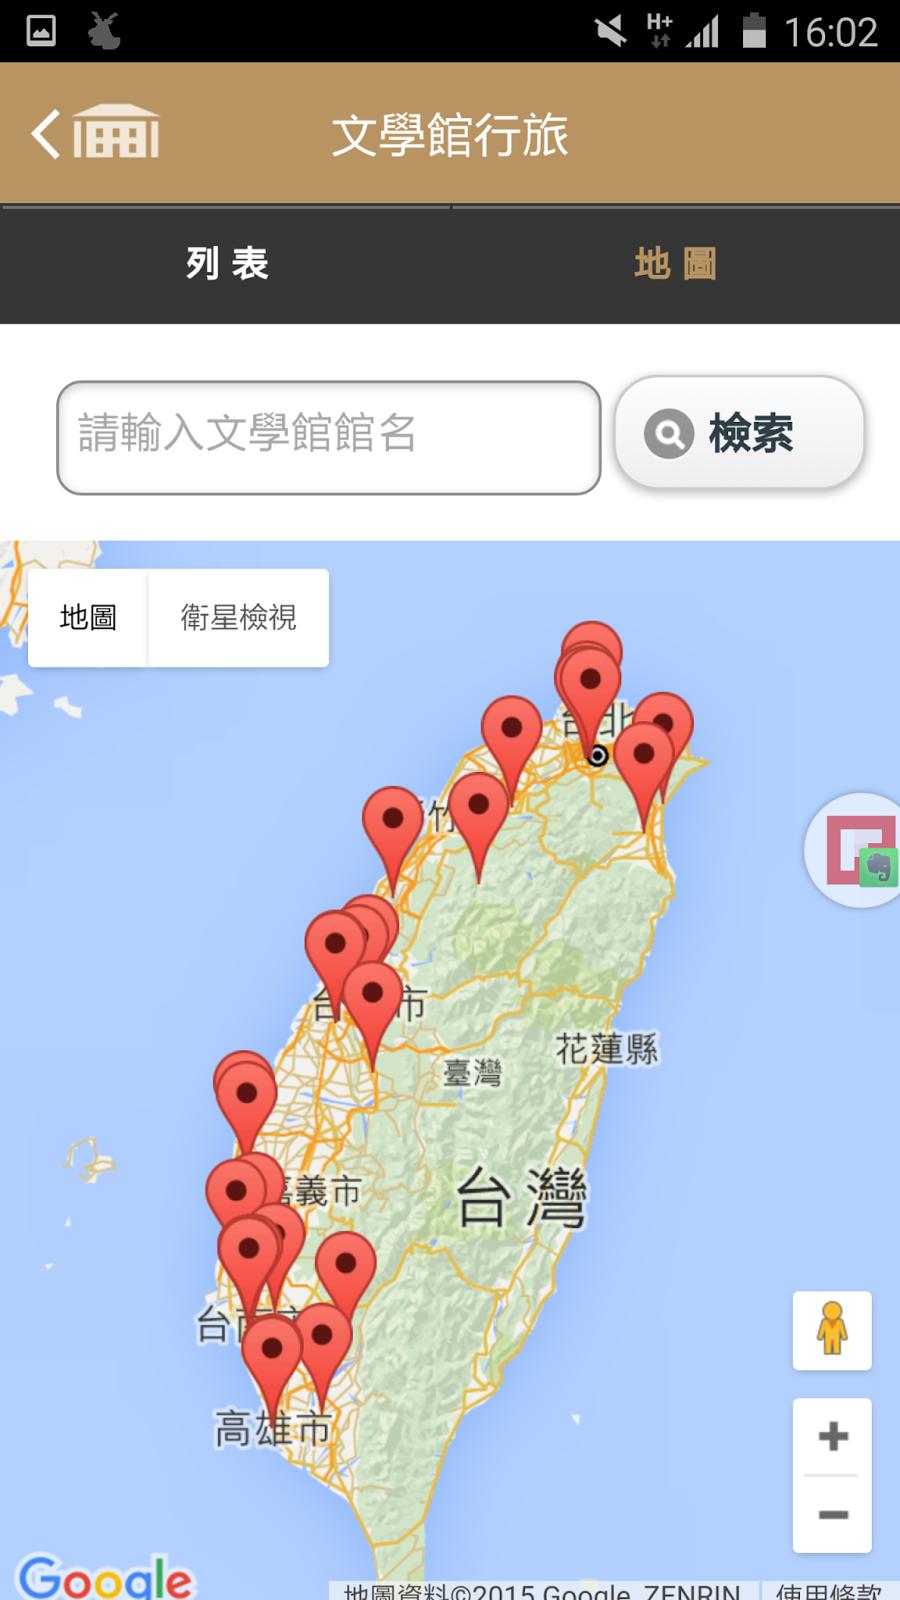 跟著臺灣文學作家的足跡去旅行!另類文青旅遊 App